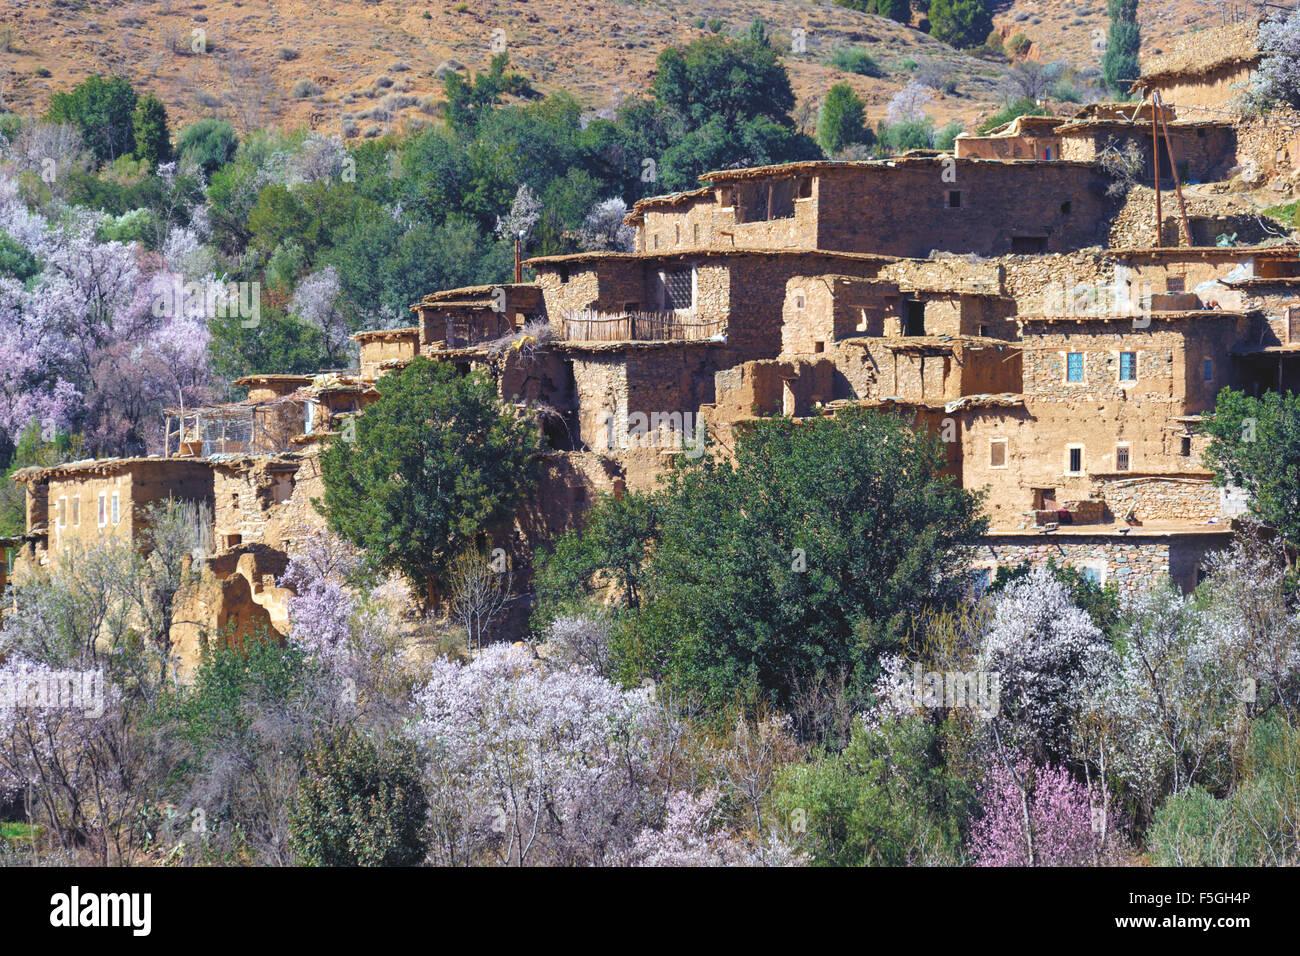 Village dans les montagnes du Haut Atlas, au Maroc. Photo Stock